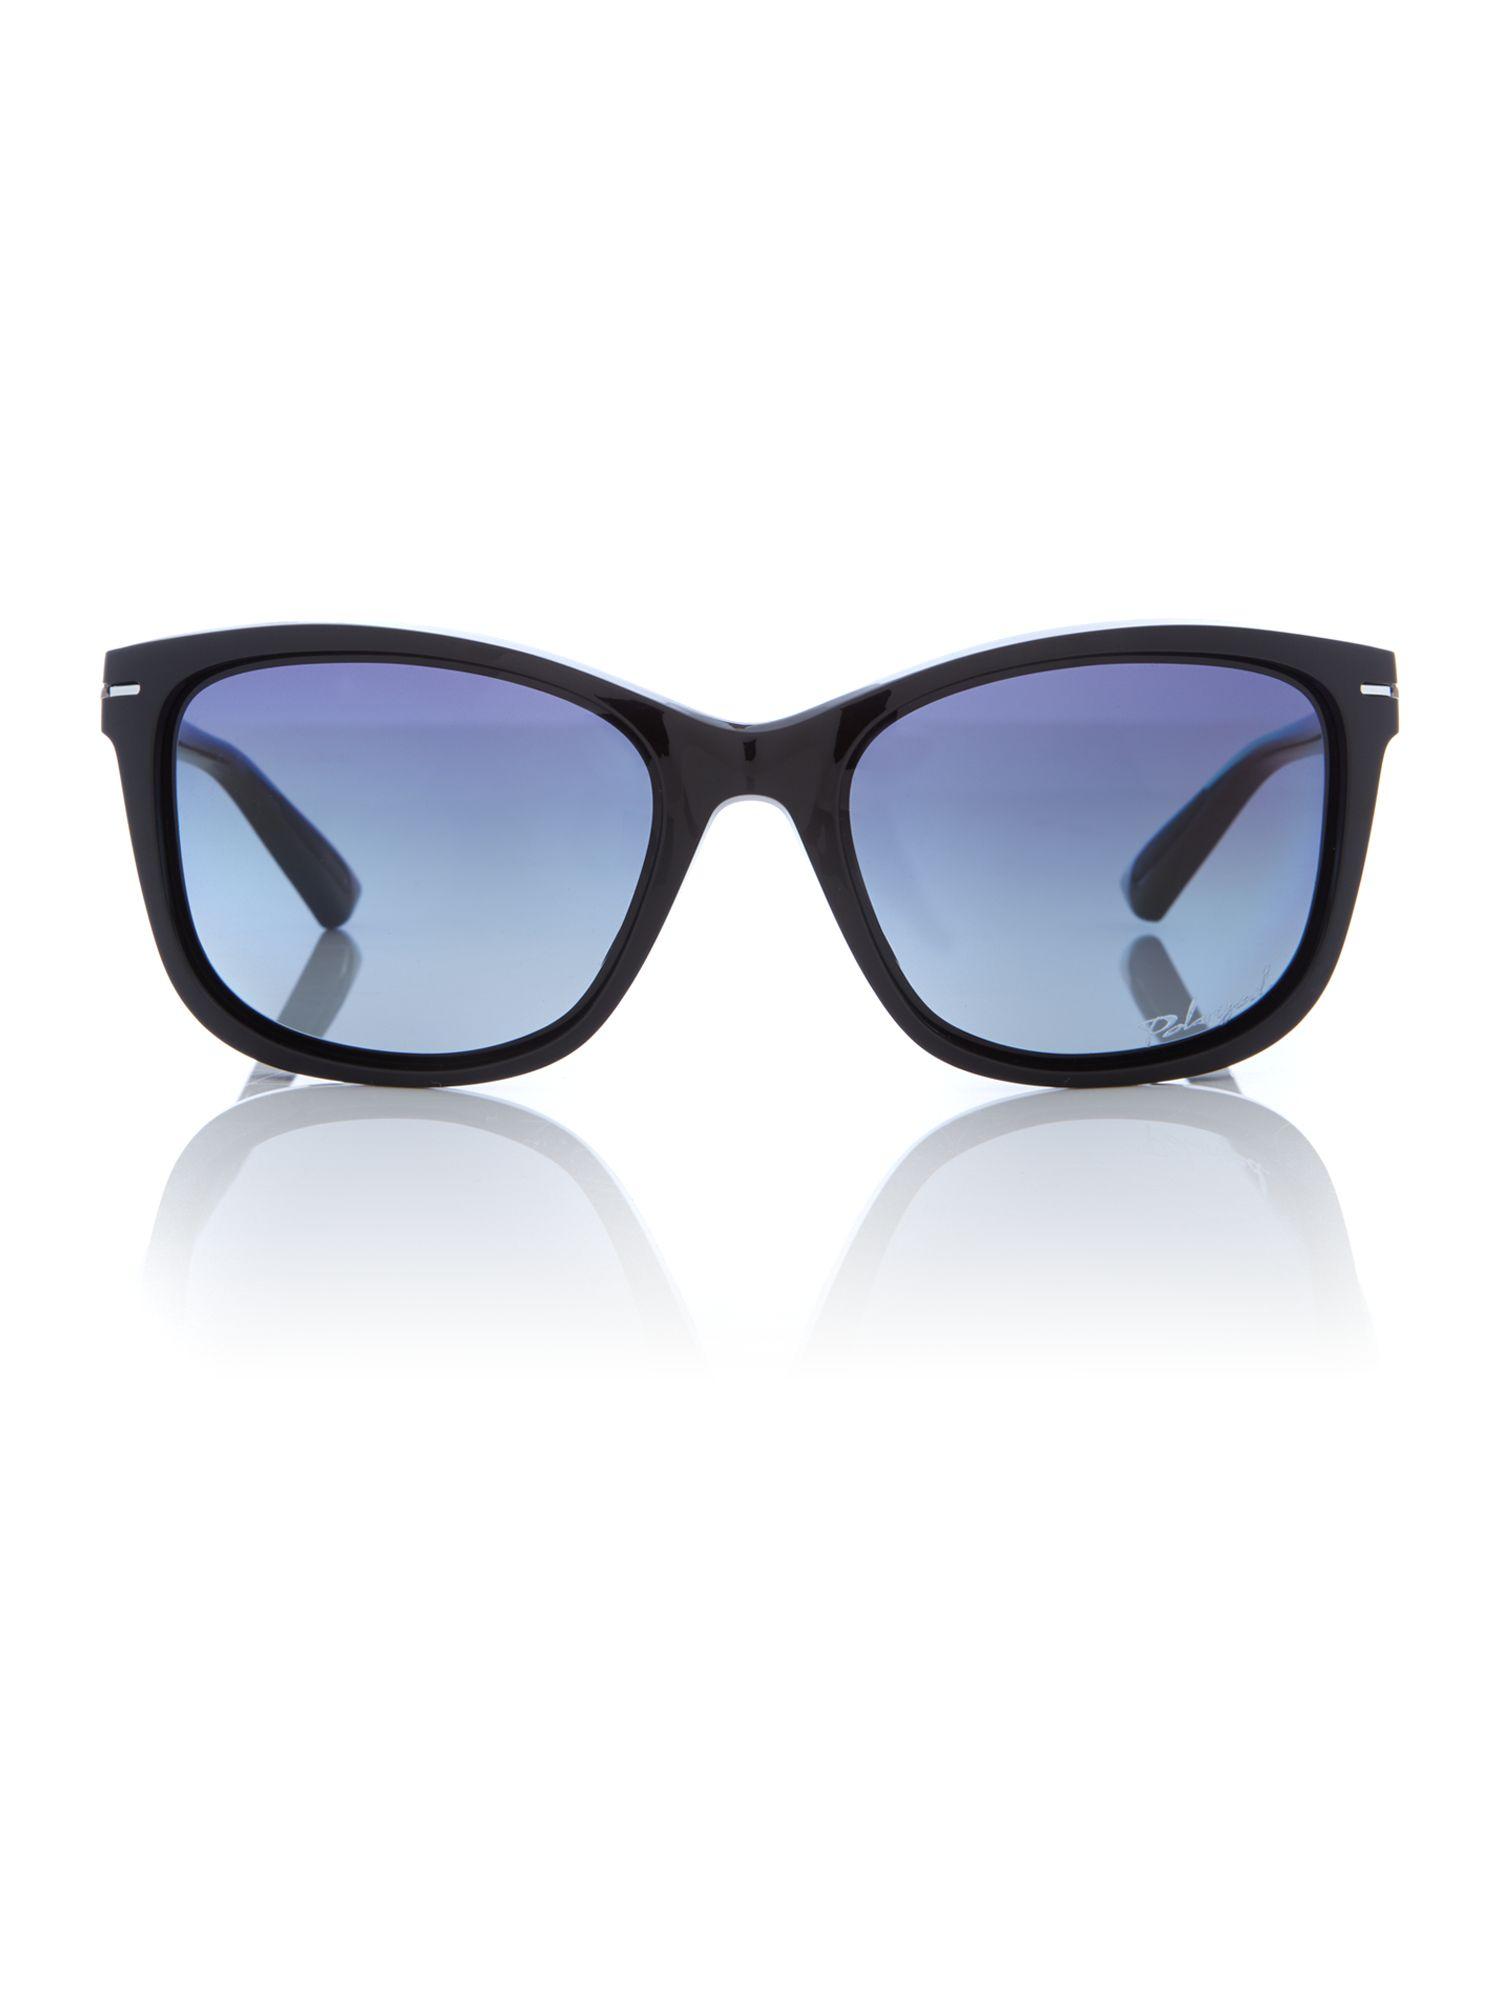 beffe49e437 Oakley Mens Frogskins Cat Eye Sunglasses « Heritage Malta